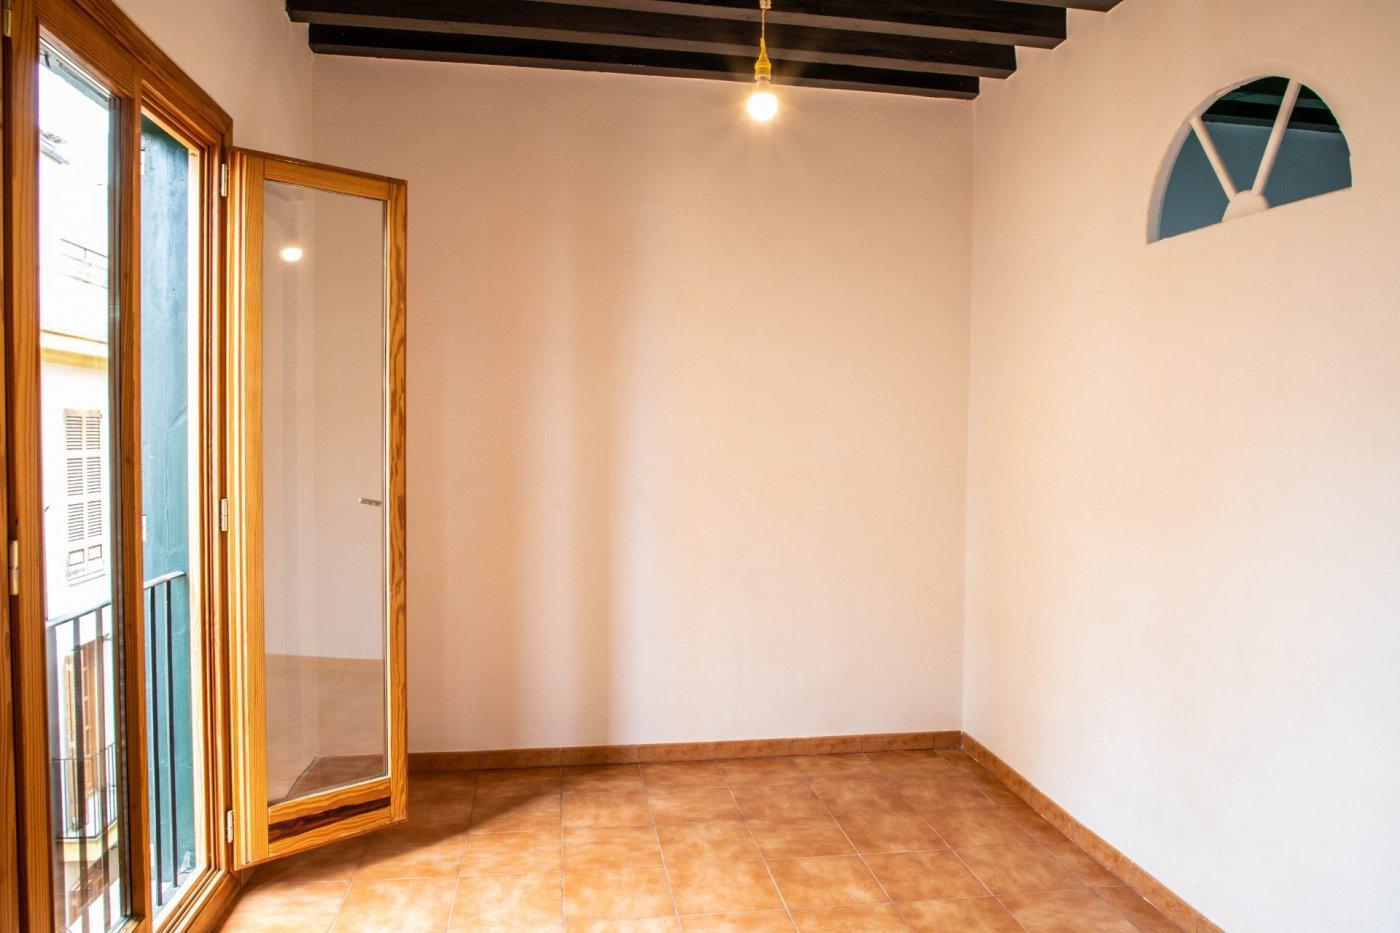 En venta piso cÉntrico y histÓrico en palma de mallorca - imagenInmueble8